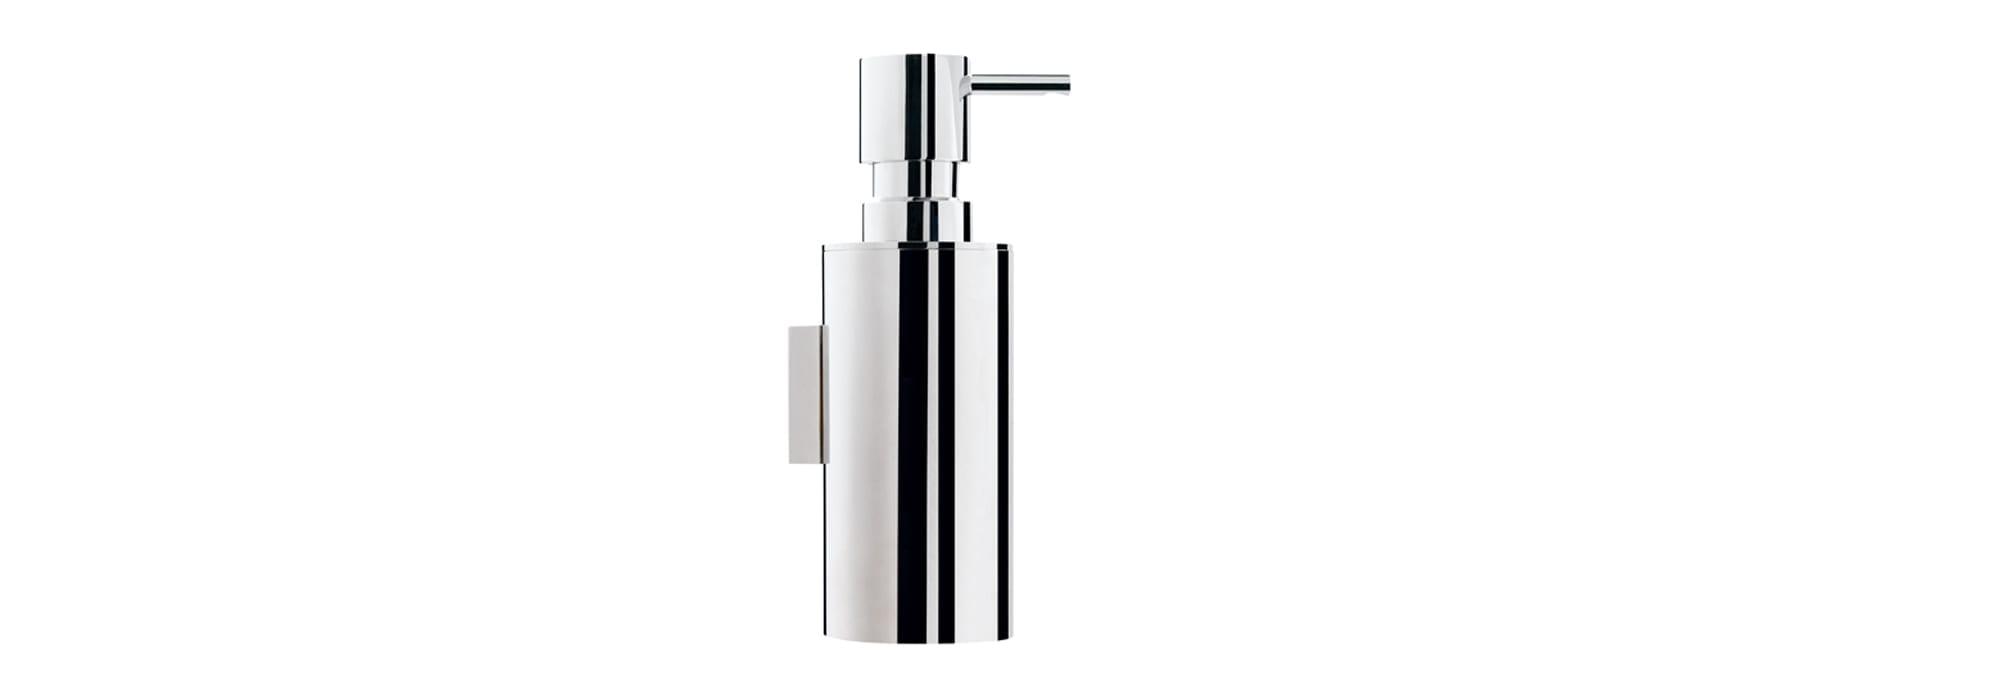 משאבת סבון נוזלי צמוד קיר – A1.26.01 by Milstone